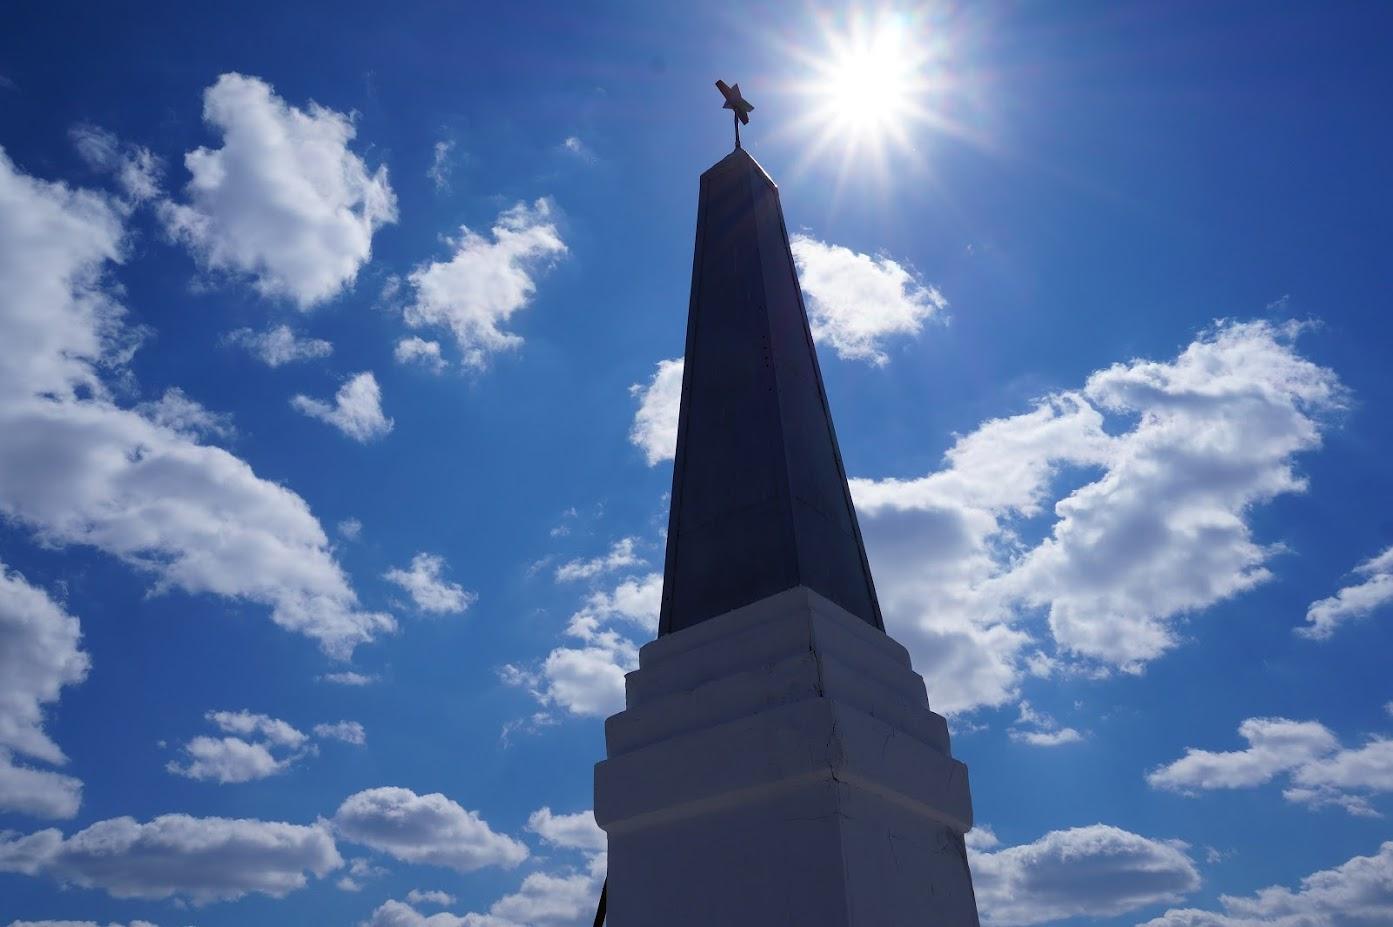 В этот день Победы стрелкового, район, Город, памятников, Днепр, оказалось, Гаврилину, Николаю, старшему, геройство, гвардии, лейтенанту, присвоено, вручением, ордена, Ленина, медали, Союза, Советского, мужество